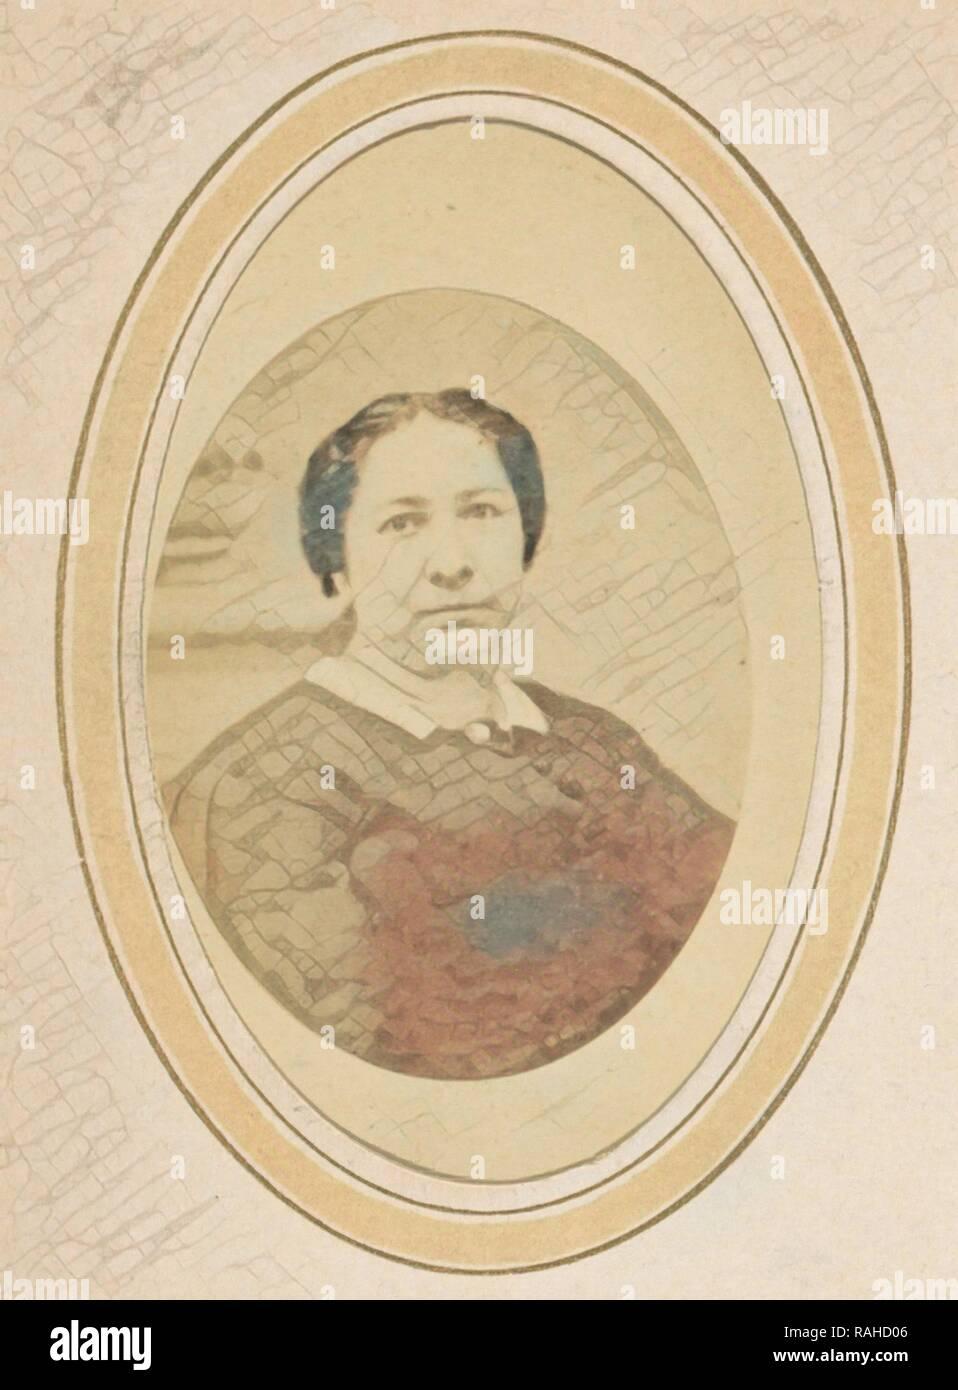 Ritratto di una donna con capelli upswept ed un colletto bianco, Johan Hendrik Hoffmeister, c. 1869 - 1874. Reinventato Immagini Stock